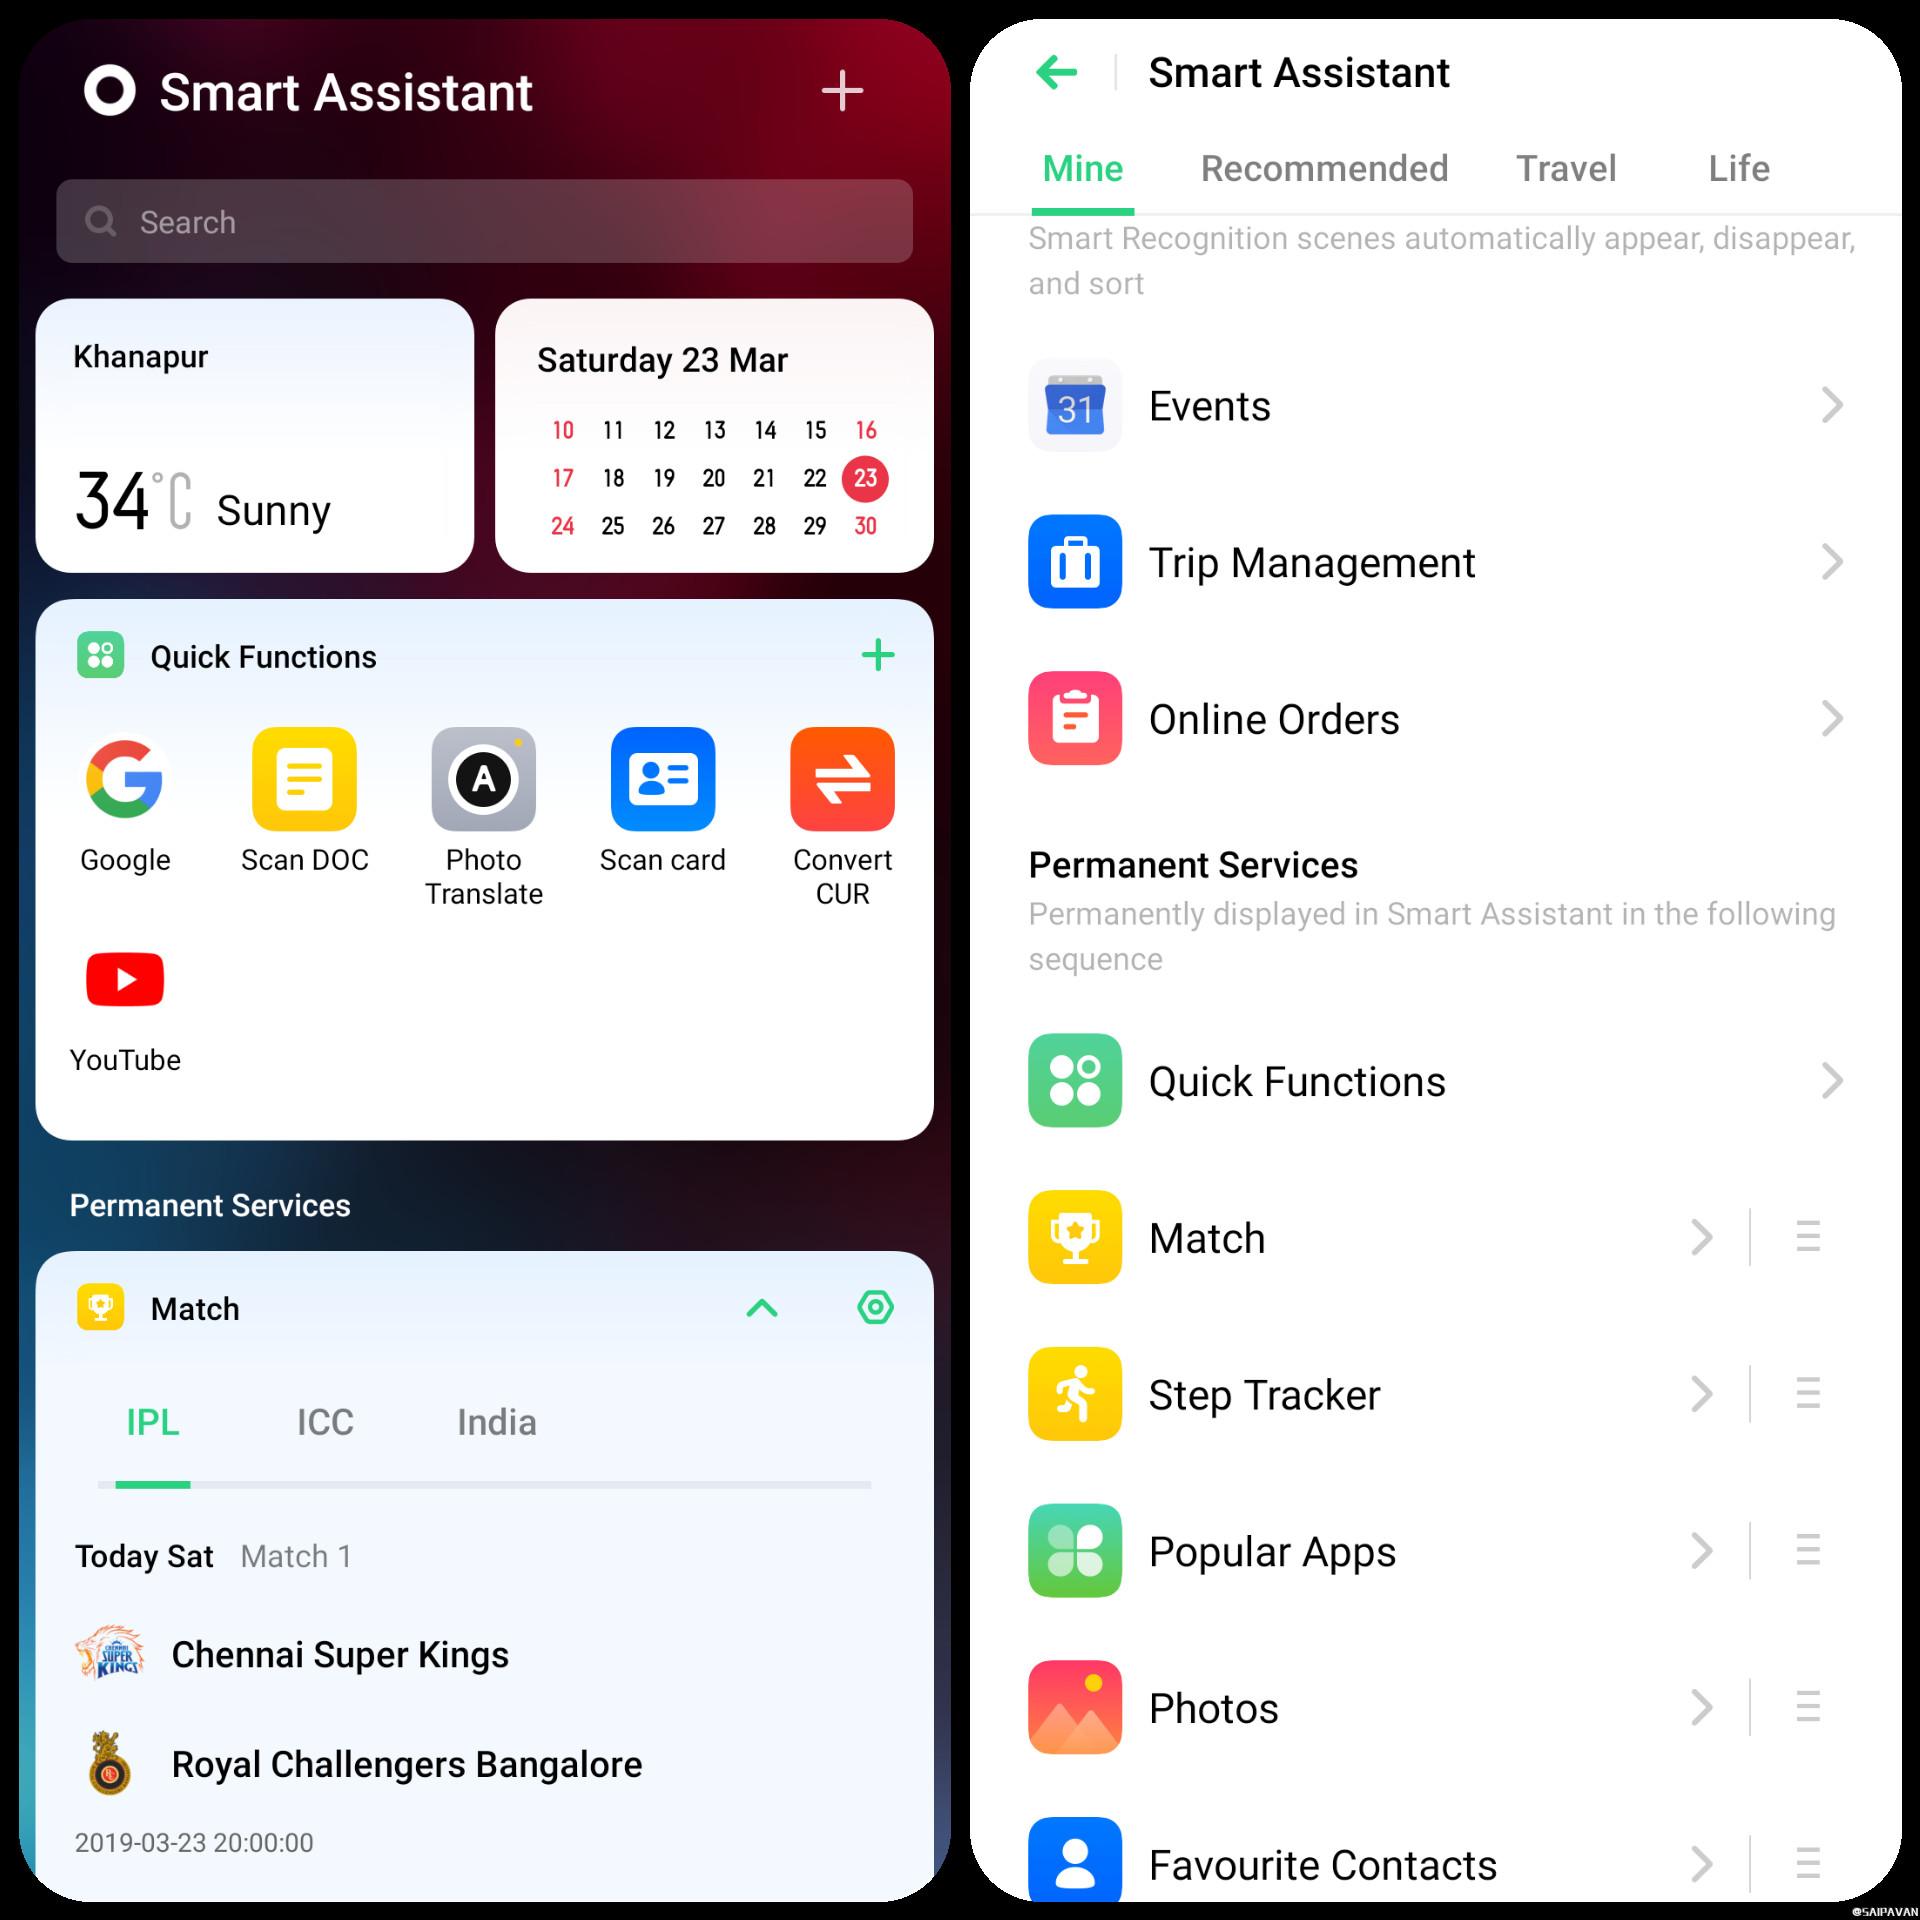 الجديد في واجهة مستخدم ColorOS 6.0 الخاصة بهواتف Oppo الذكية